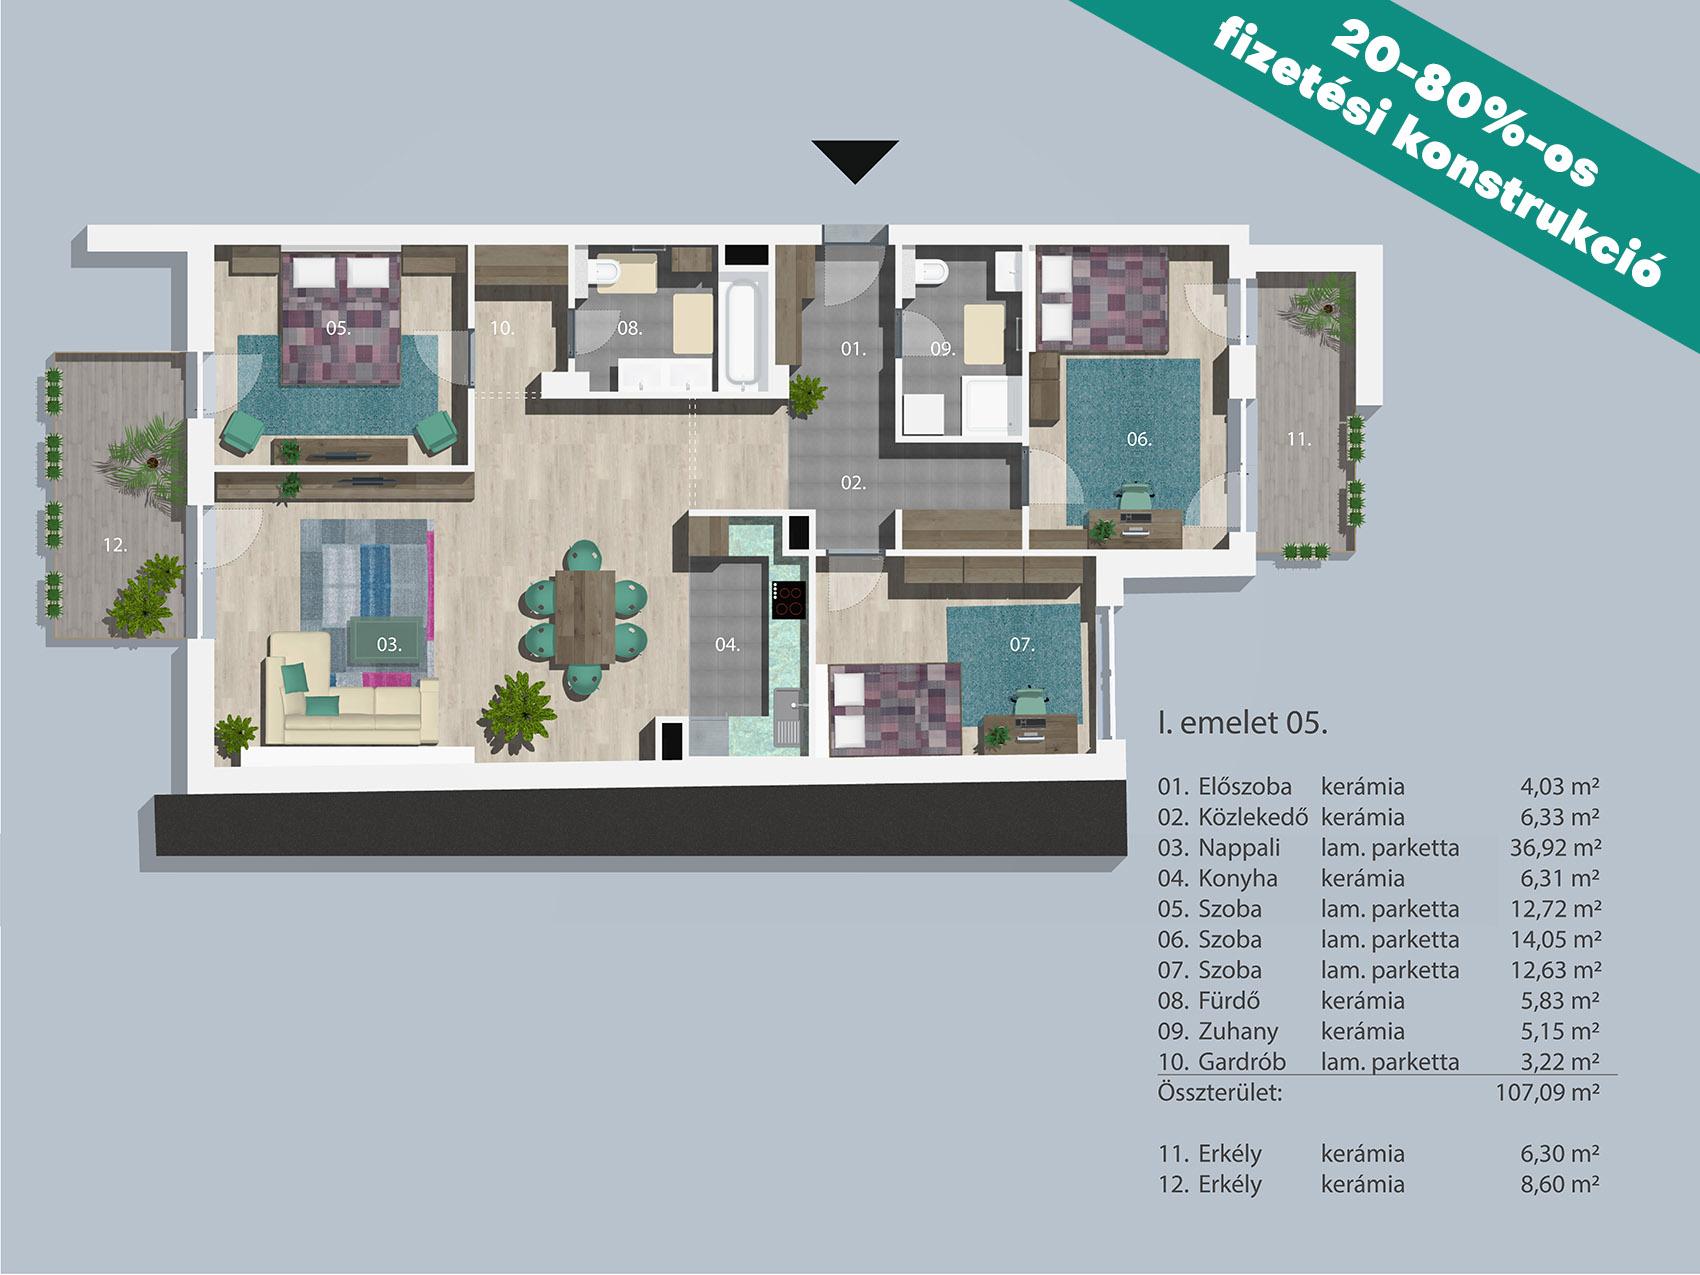 Kucsma 14 – I. emelet 5